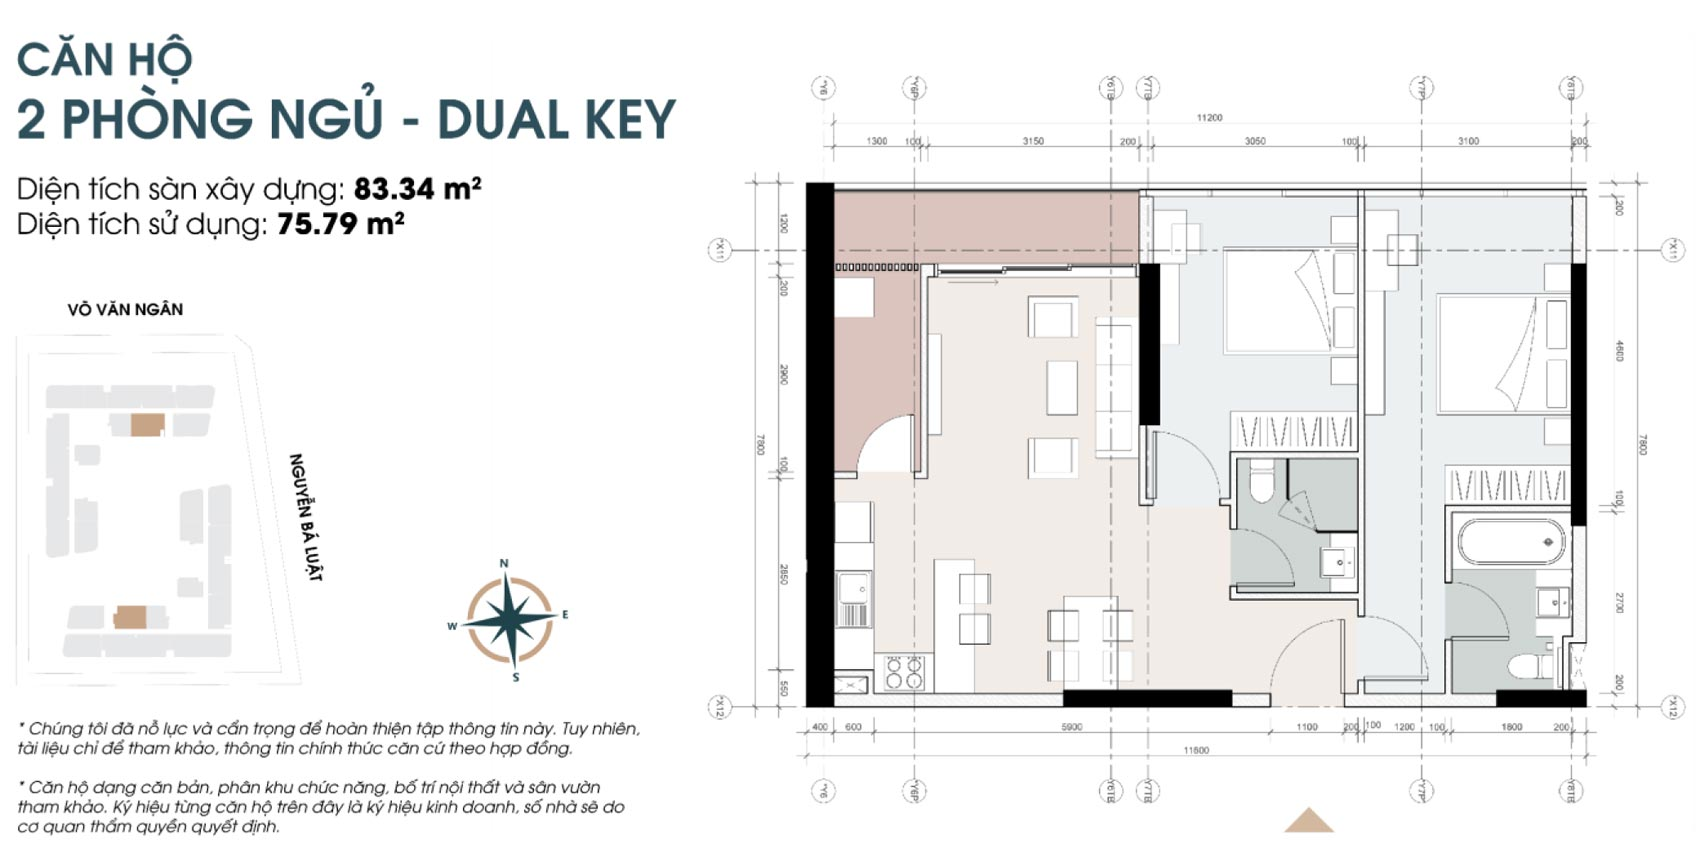 Thiết kế chi tiết dự án căn hộ King Crown Infinity loại phòng ngủ diện tích